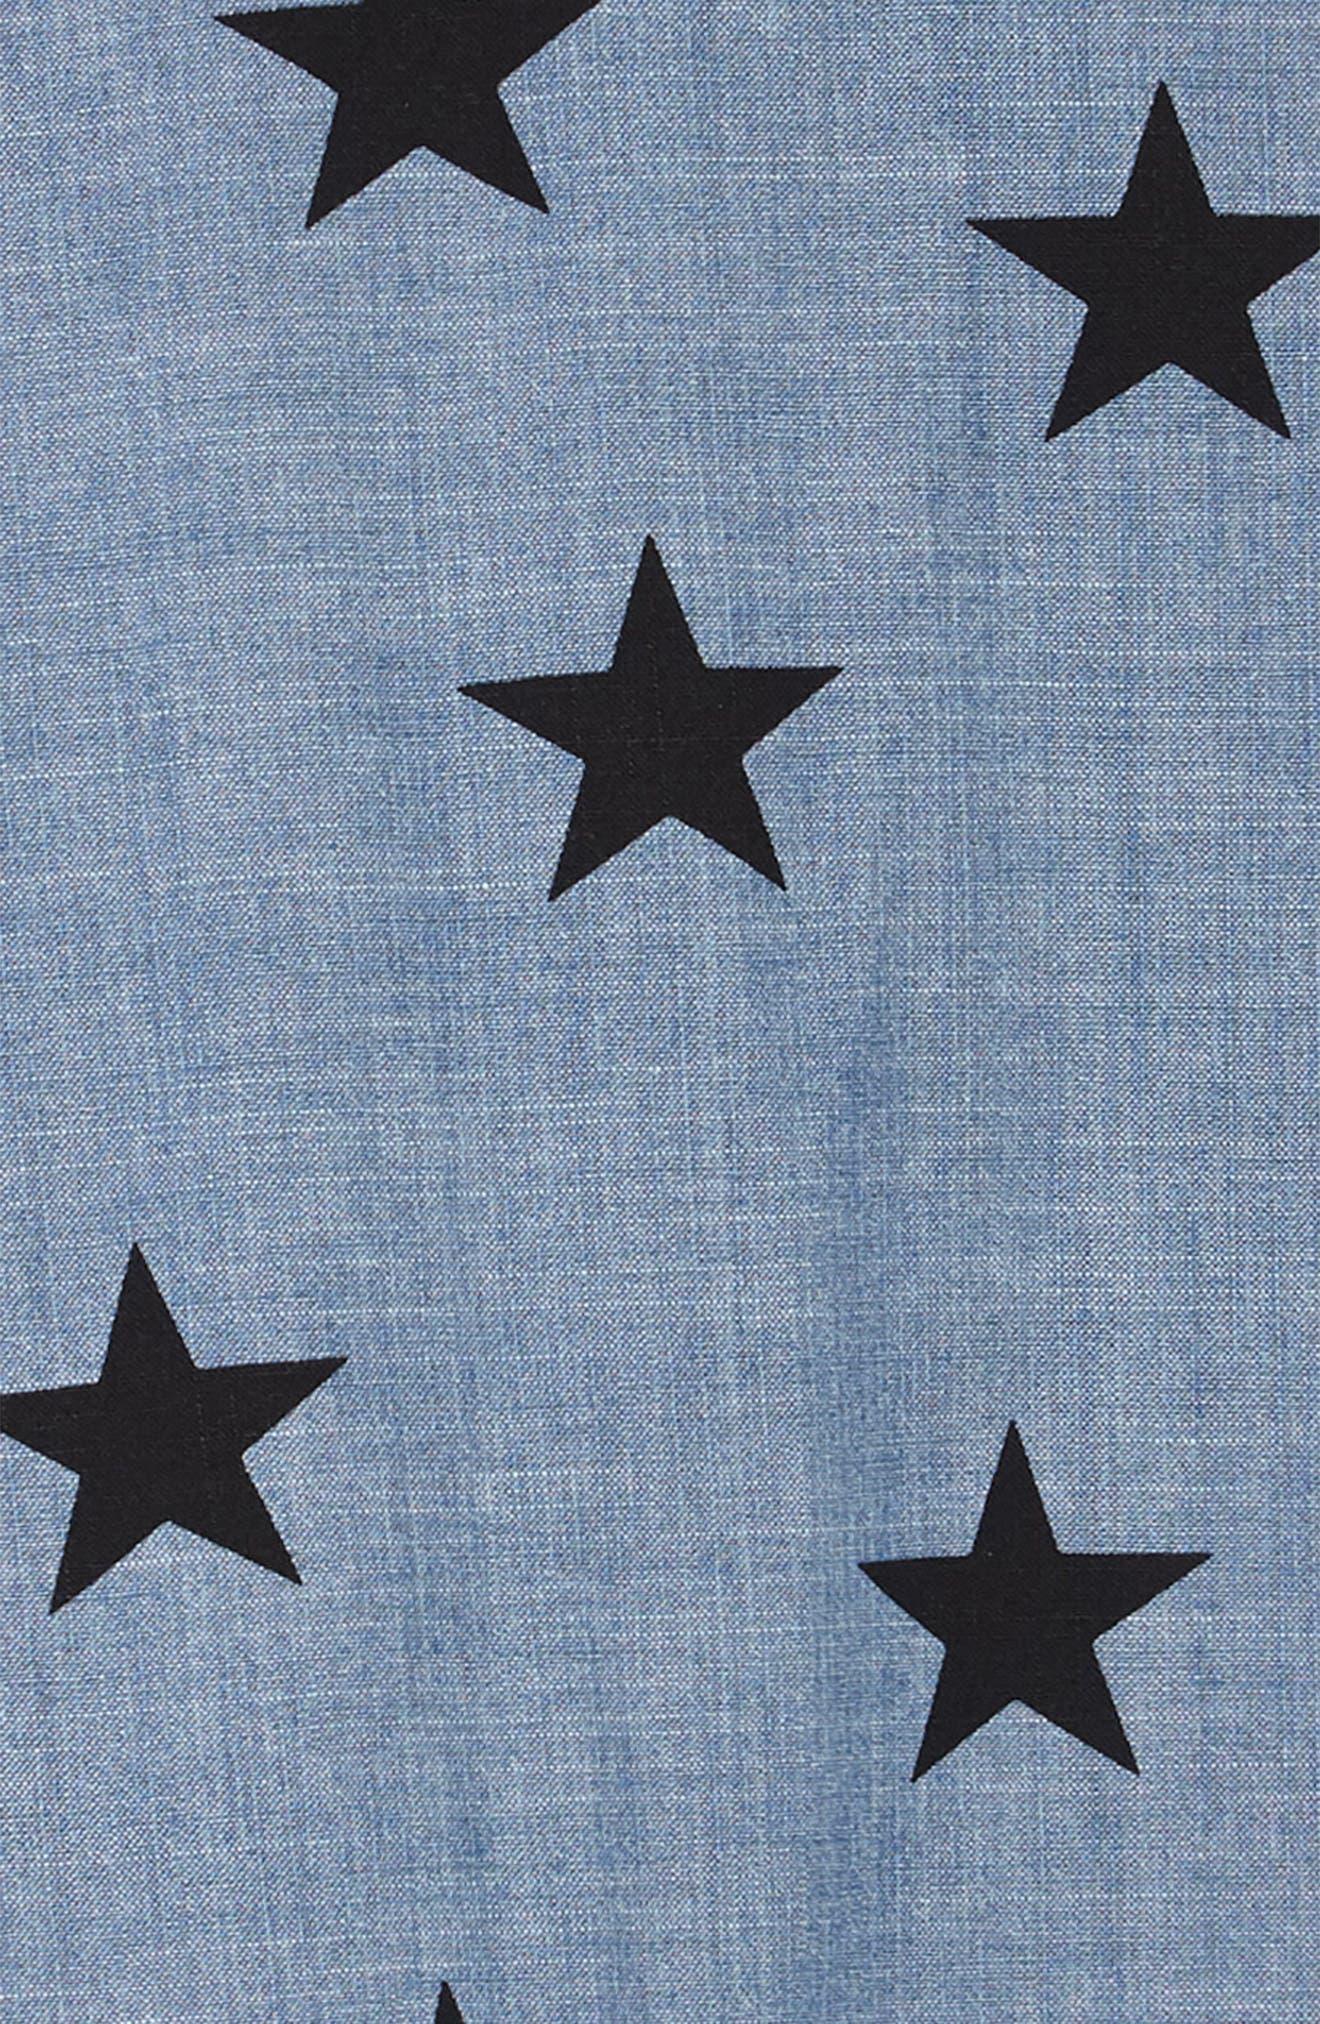 Star Print Chambray Dress,                             Alternate thumbnail 3, color,                             CHAMBRAY